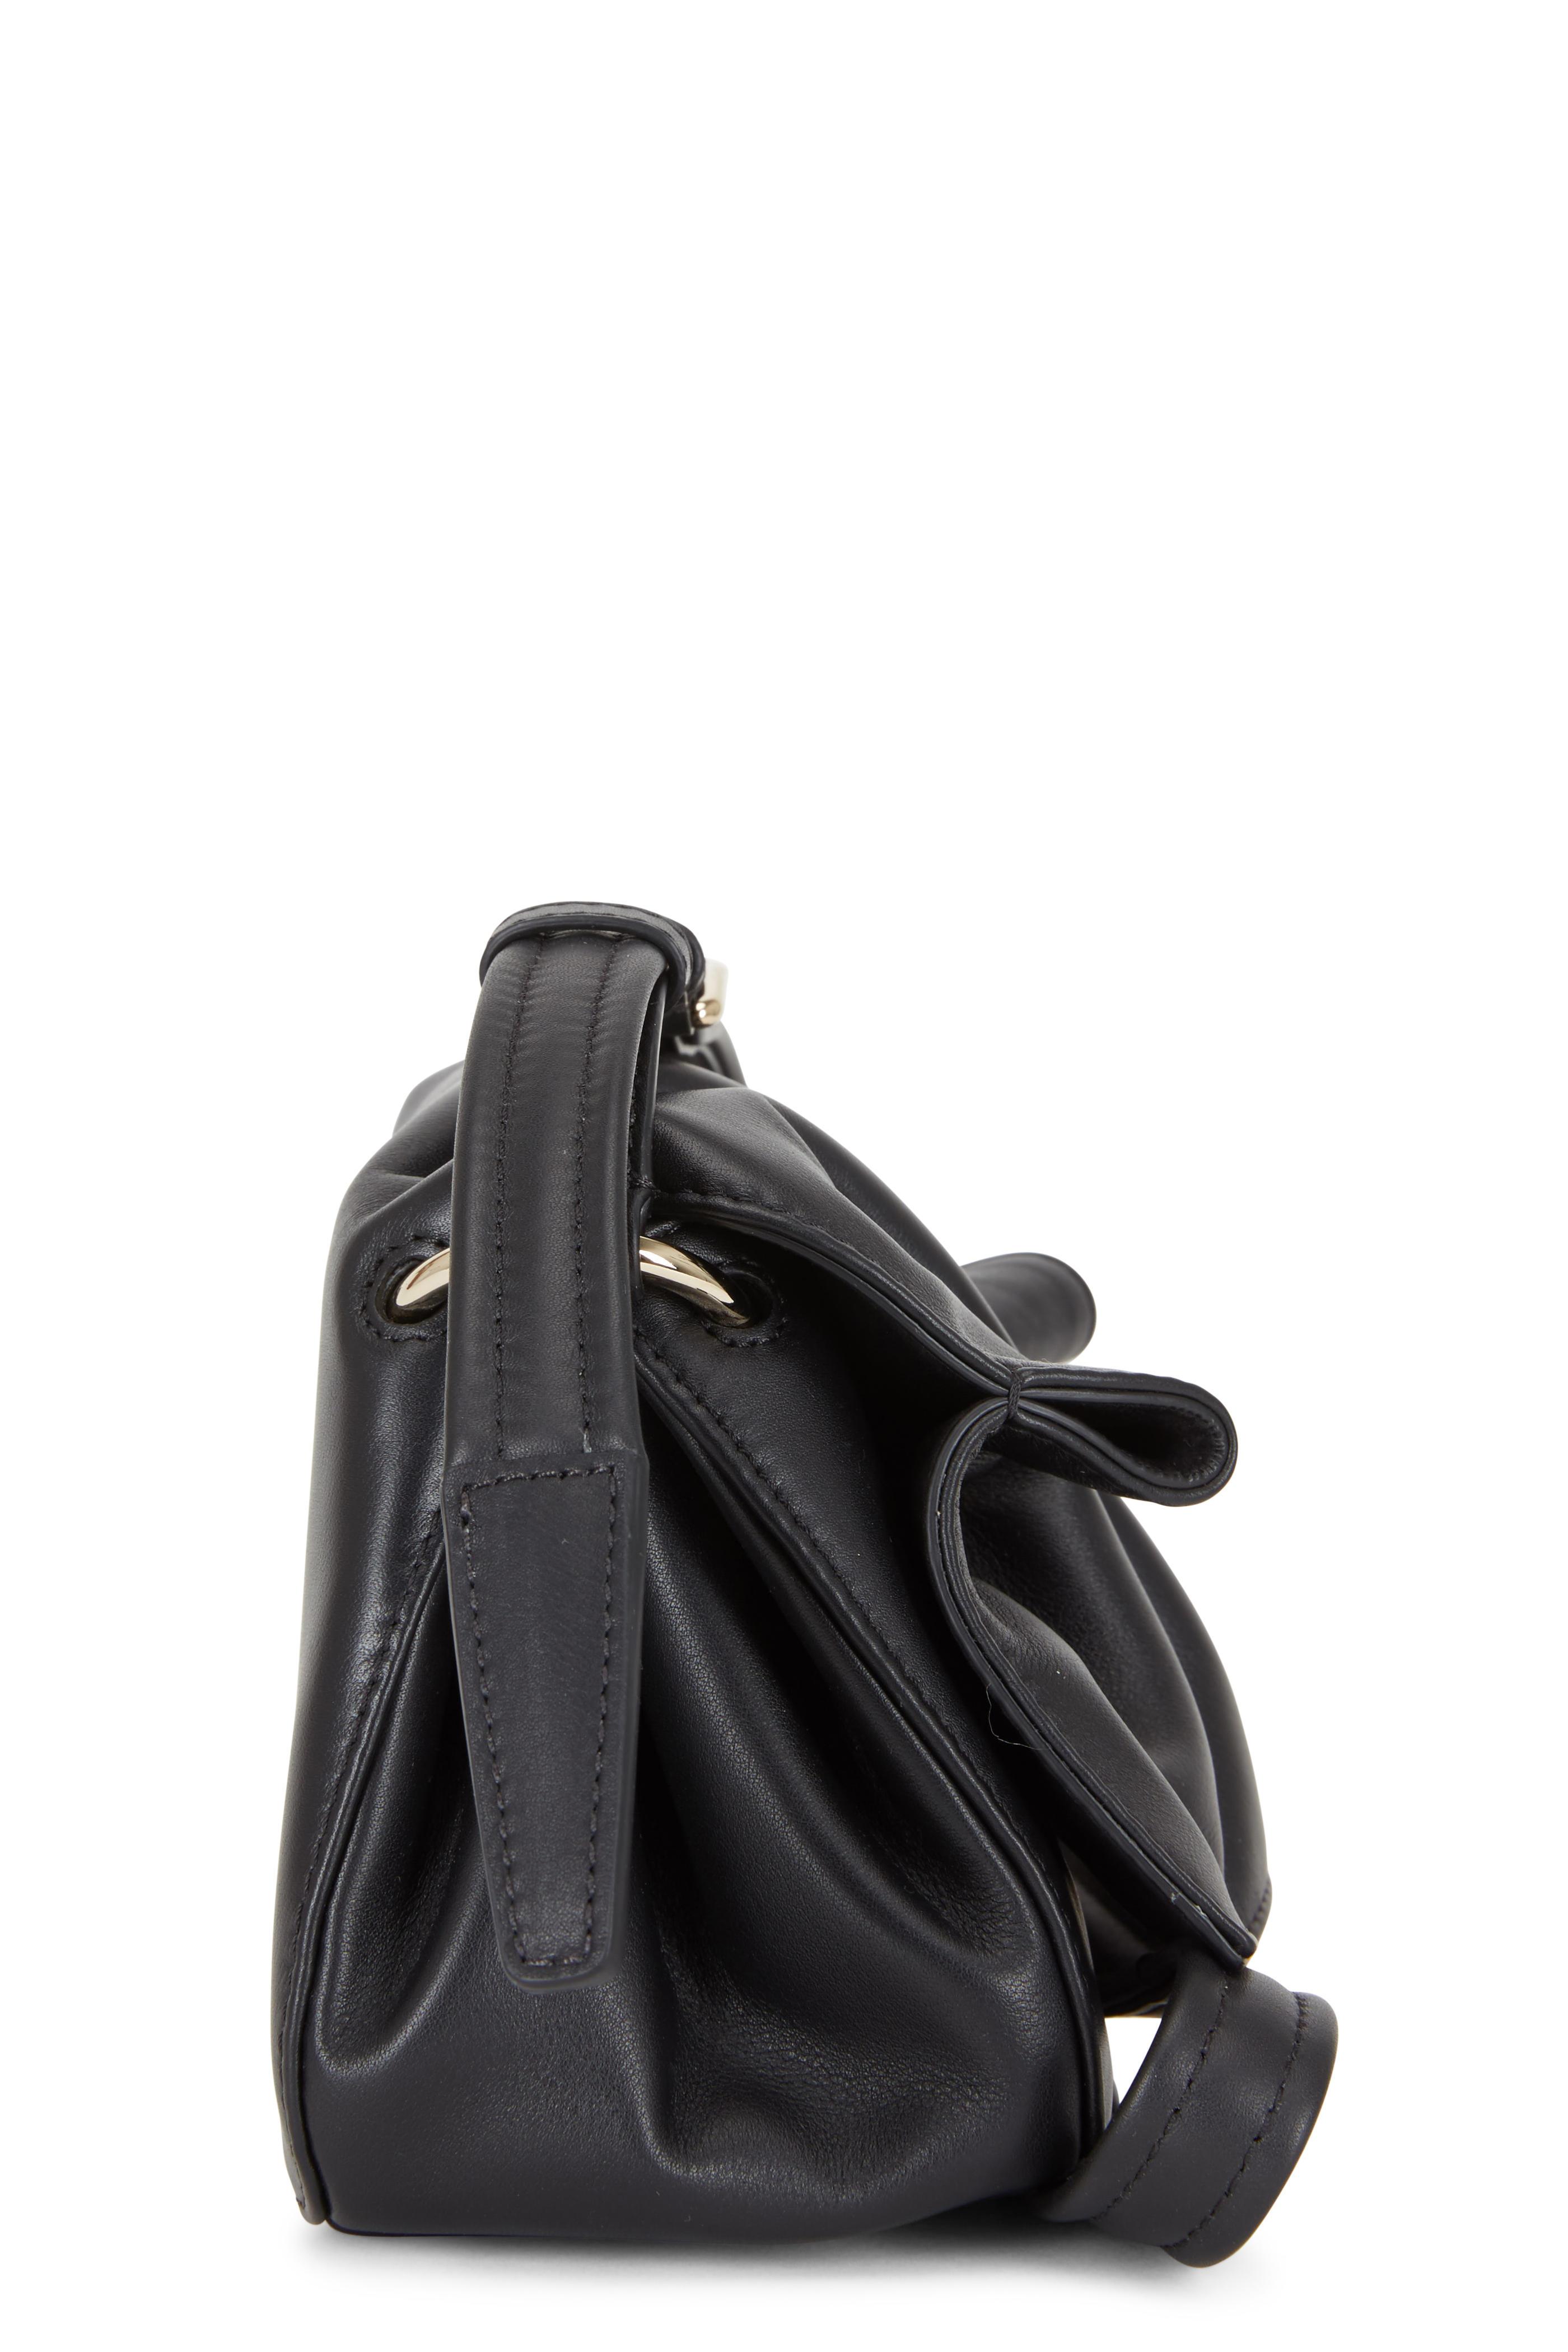 Bloomy Black Leather Mini Shoulder Bag